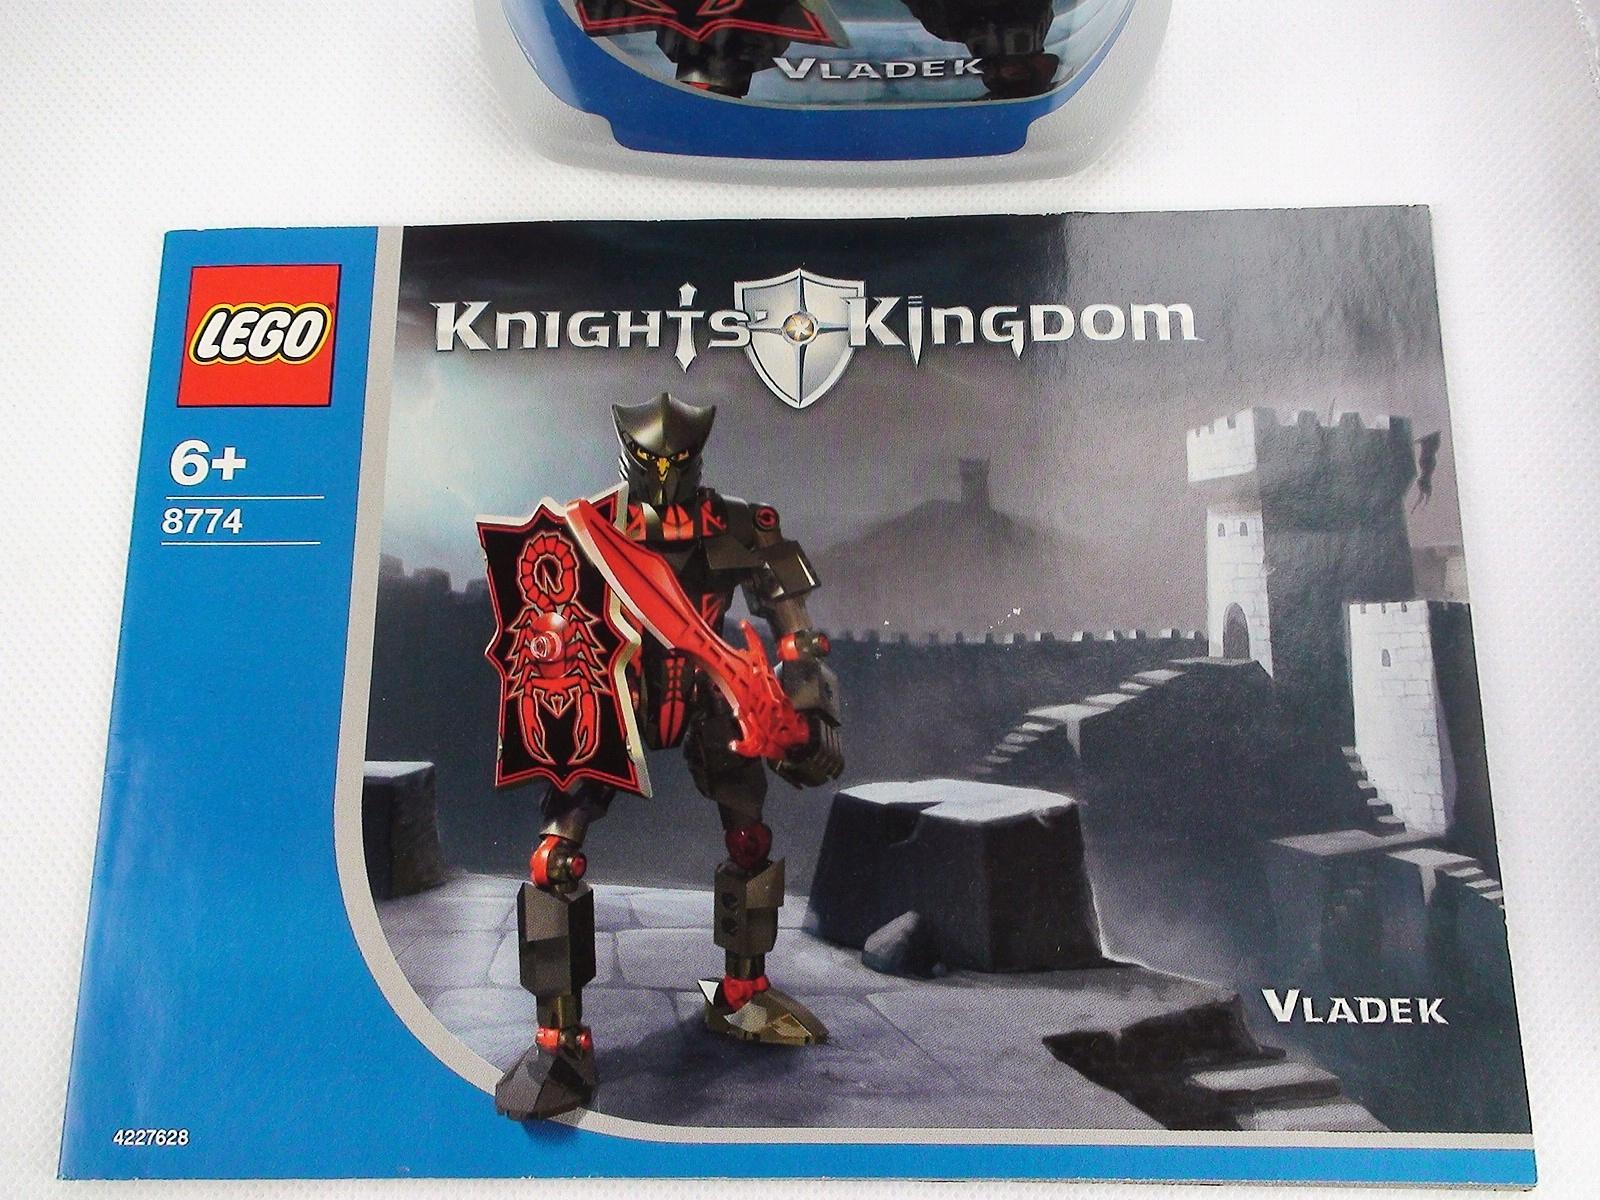 Lego Knight's Kingdom 8774